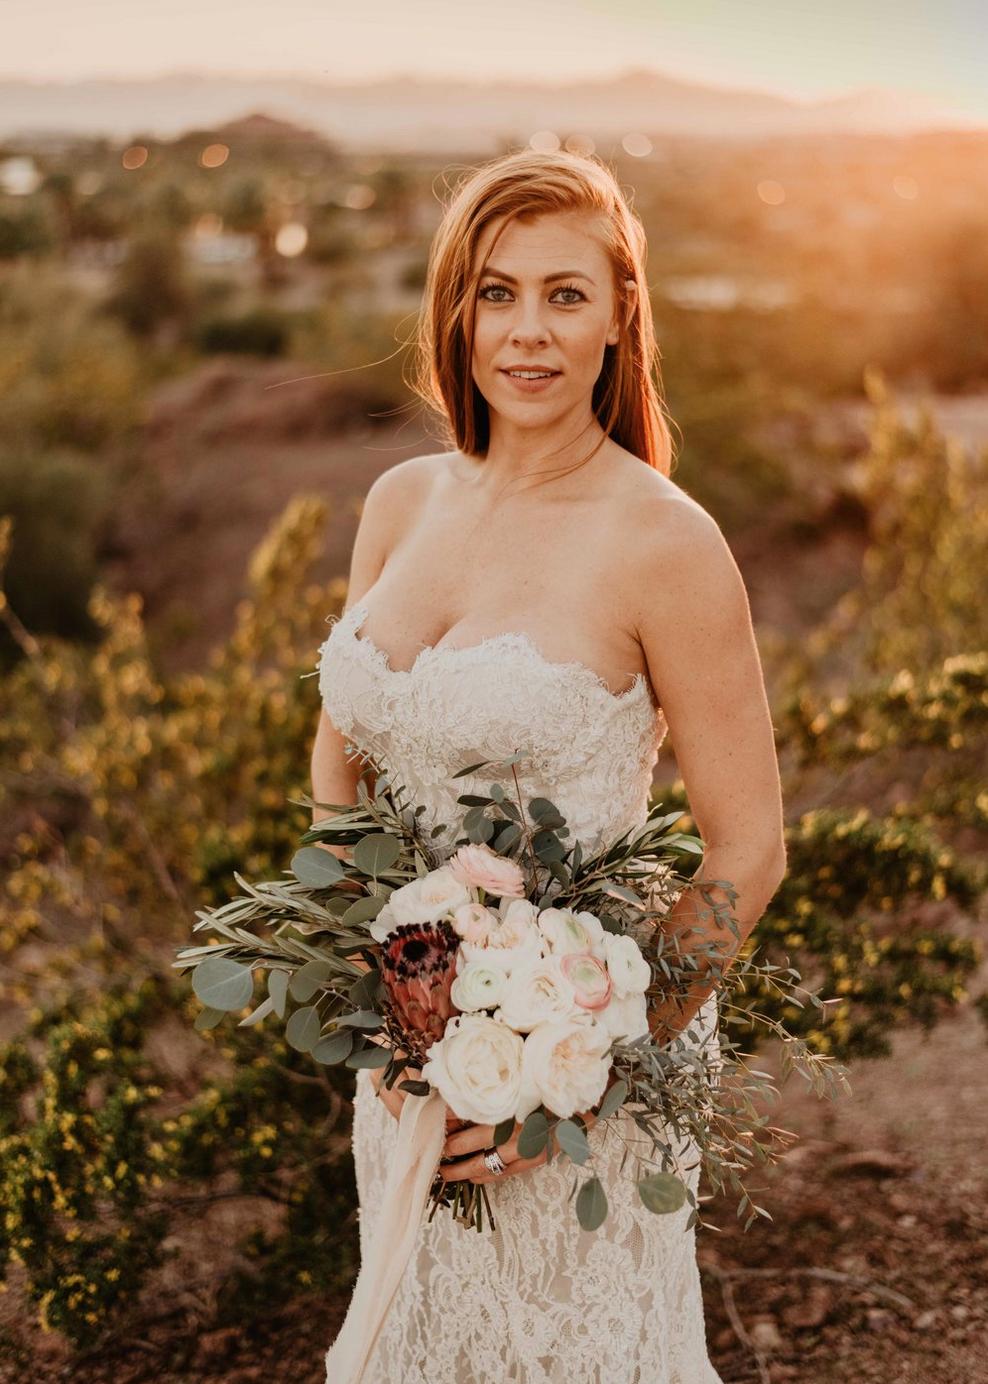 desert-elopement-wedding-dress